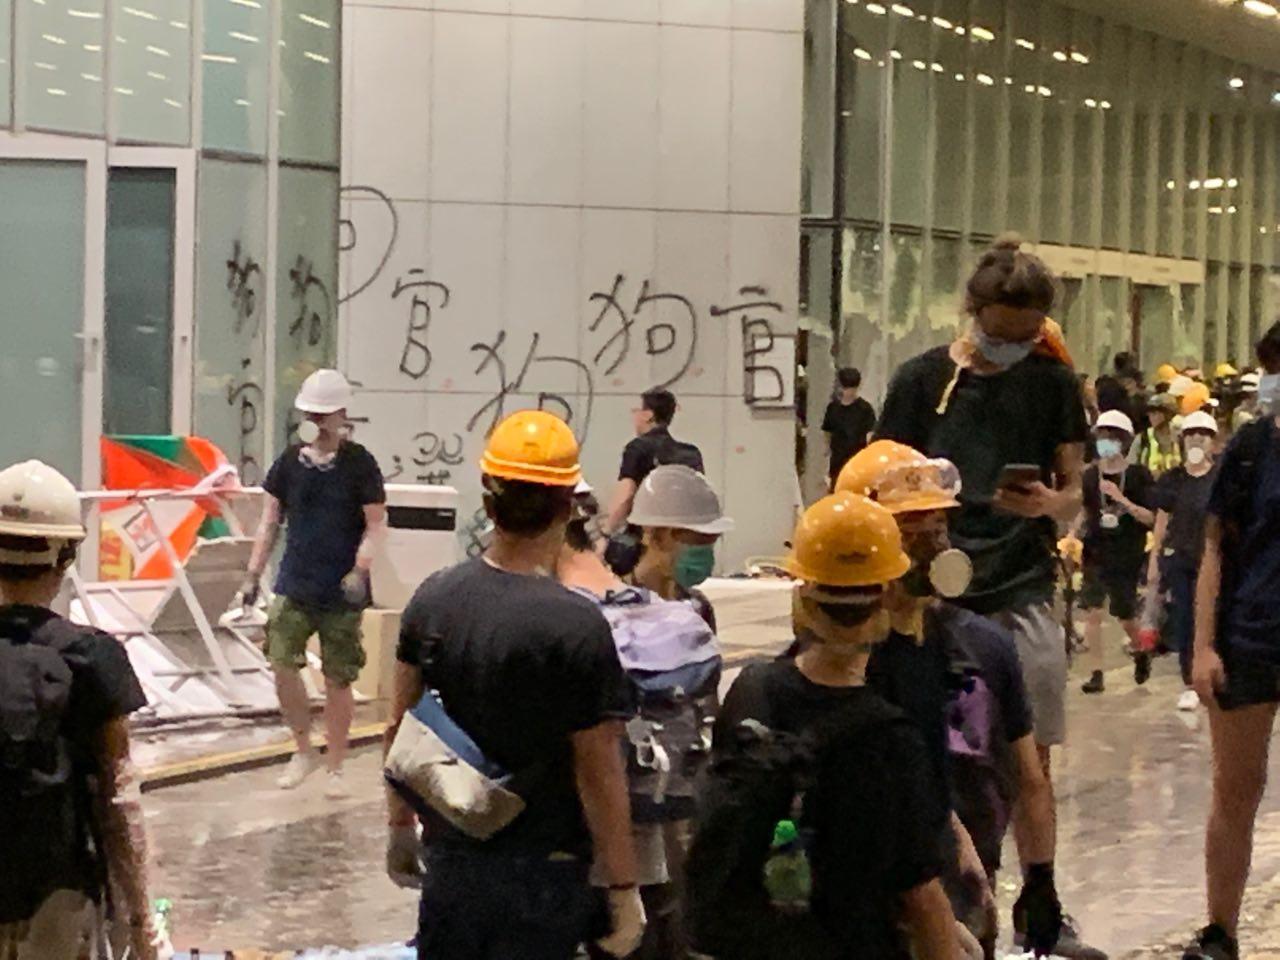 立法會大廳的牆上抗議學生塗鴉寫上大大的「狗官」字樣,在立法會的門外很遠處都能看清。(駱亞/大紀元)